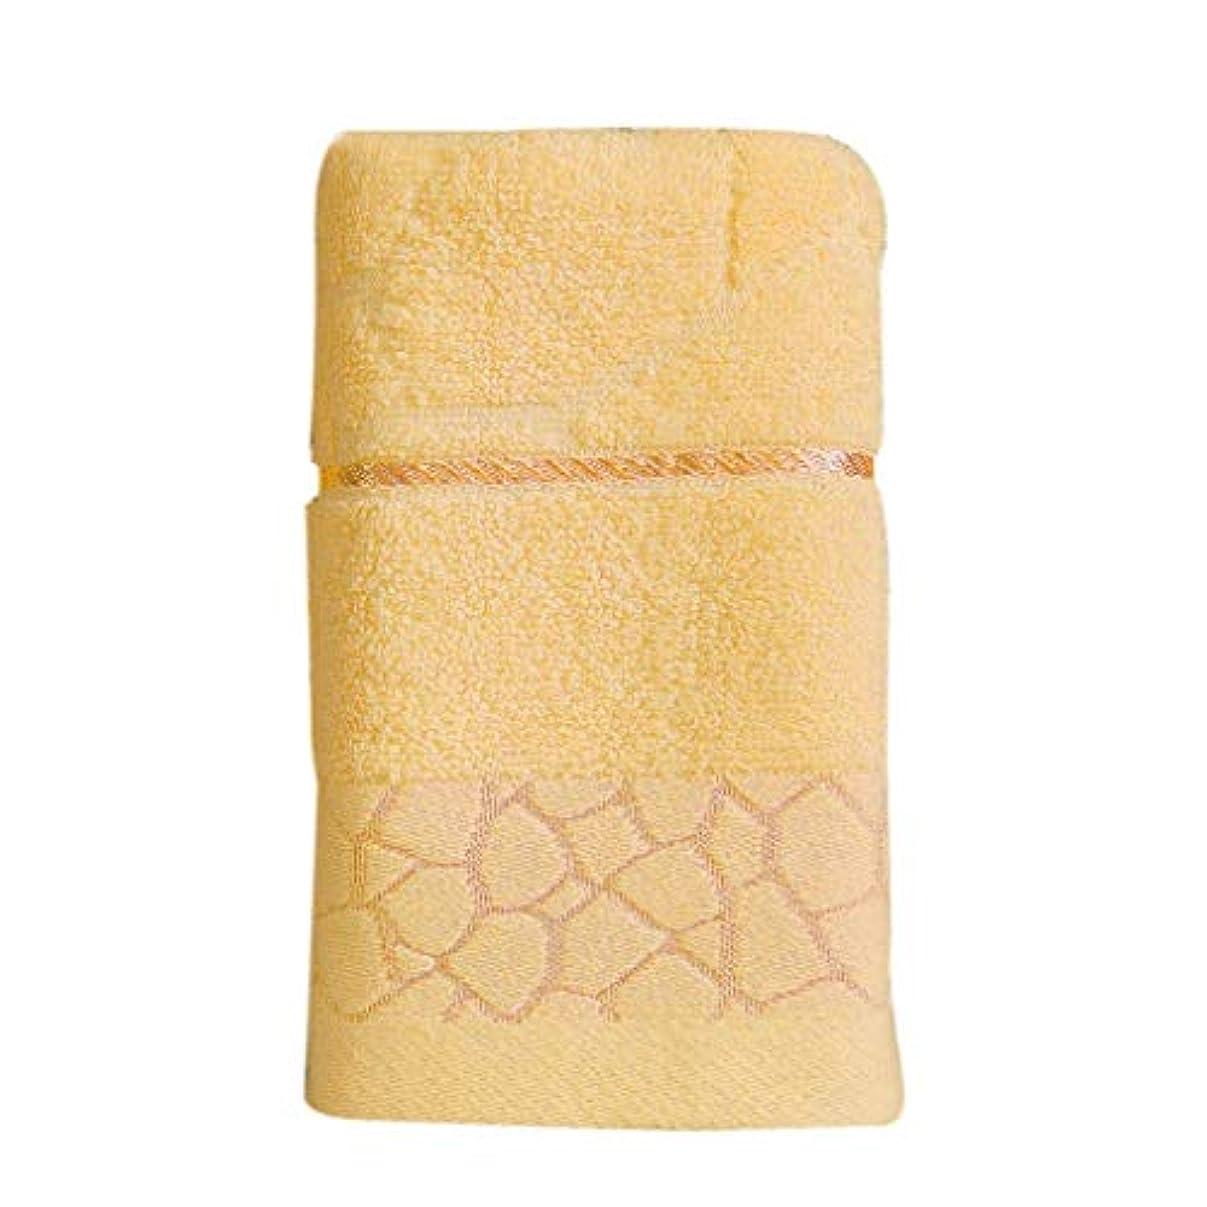 する必要がある悪性熟考するMaxcrestas - ウォーターキューブパターンピュアコットンタオルビーチバース吸収乾燥布